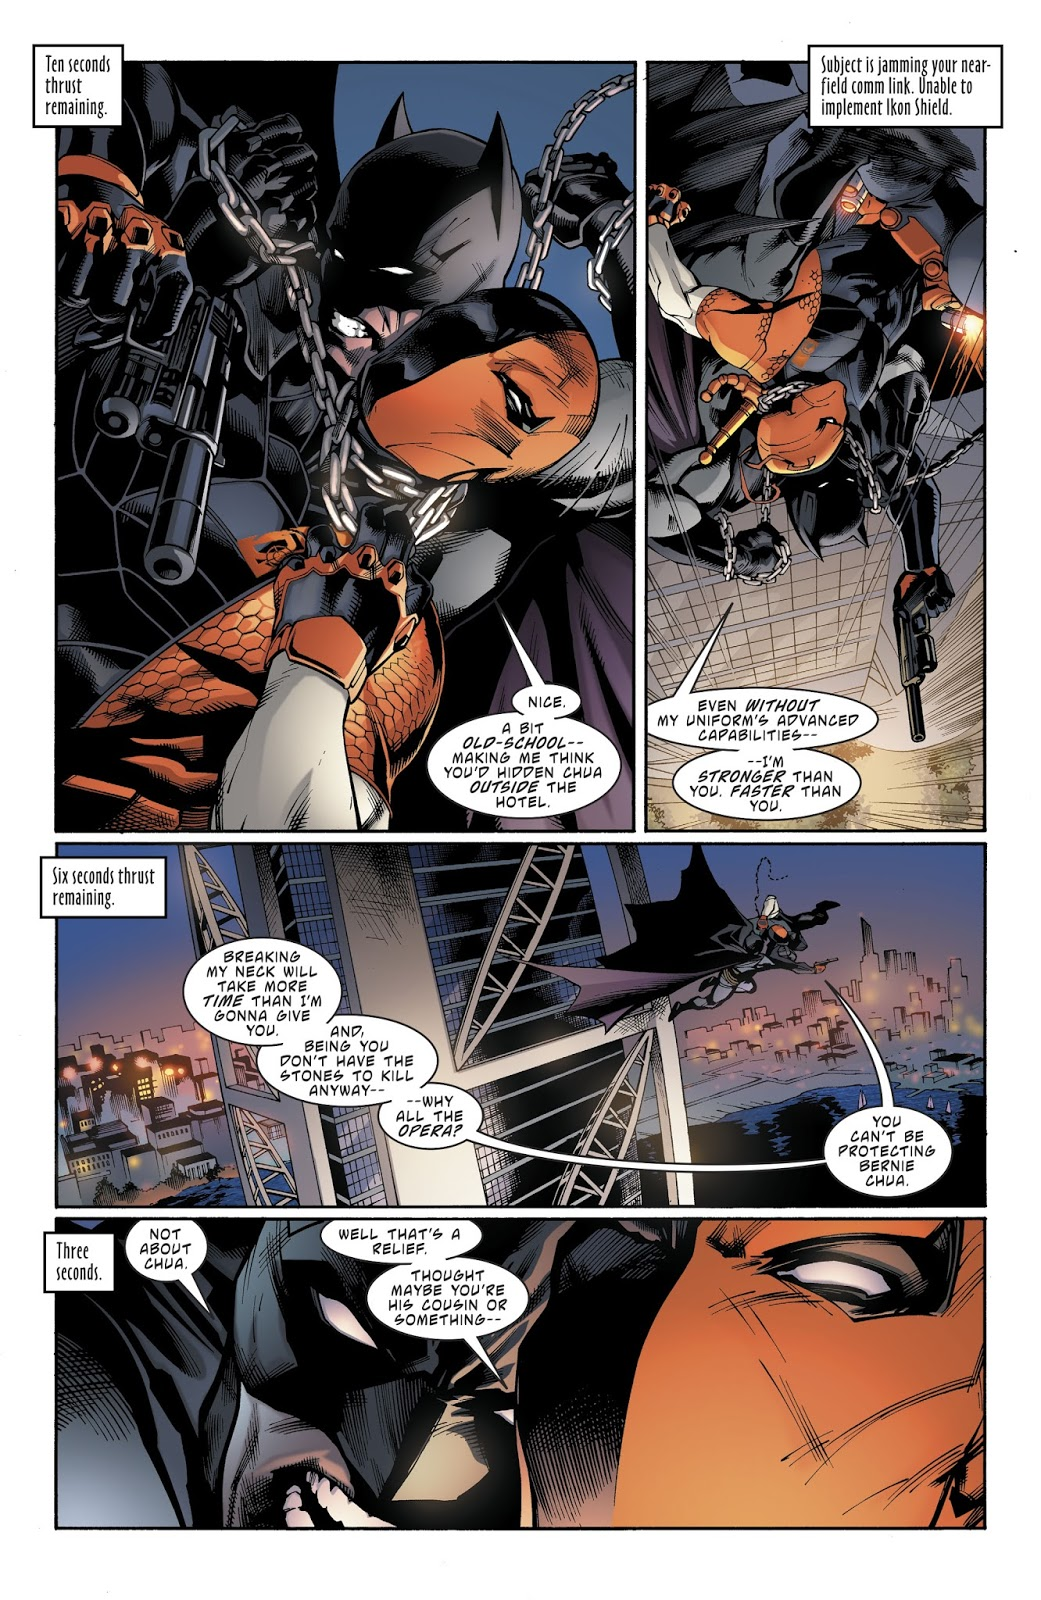 Batman vs Deathstroke review